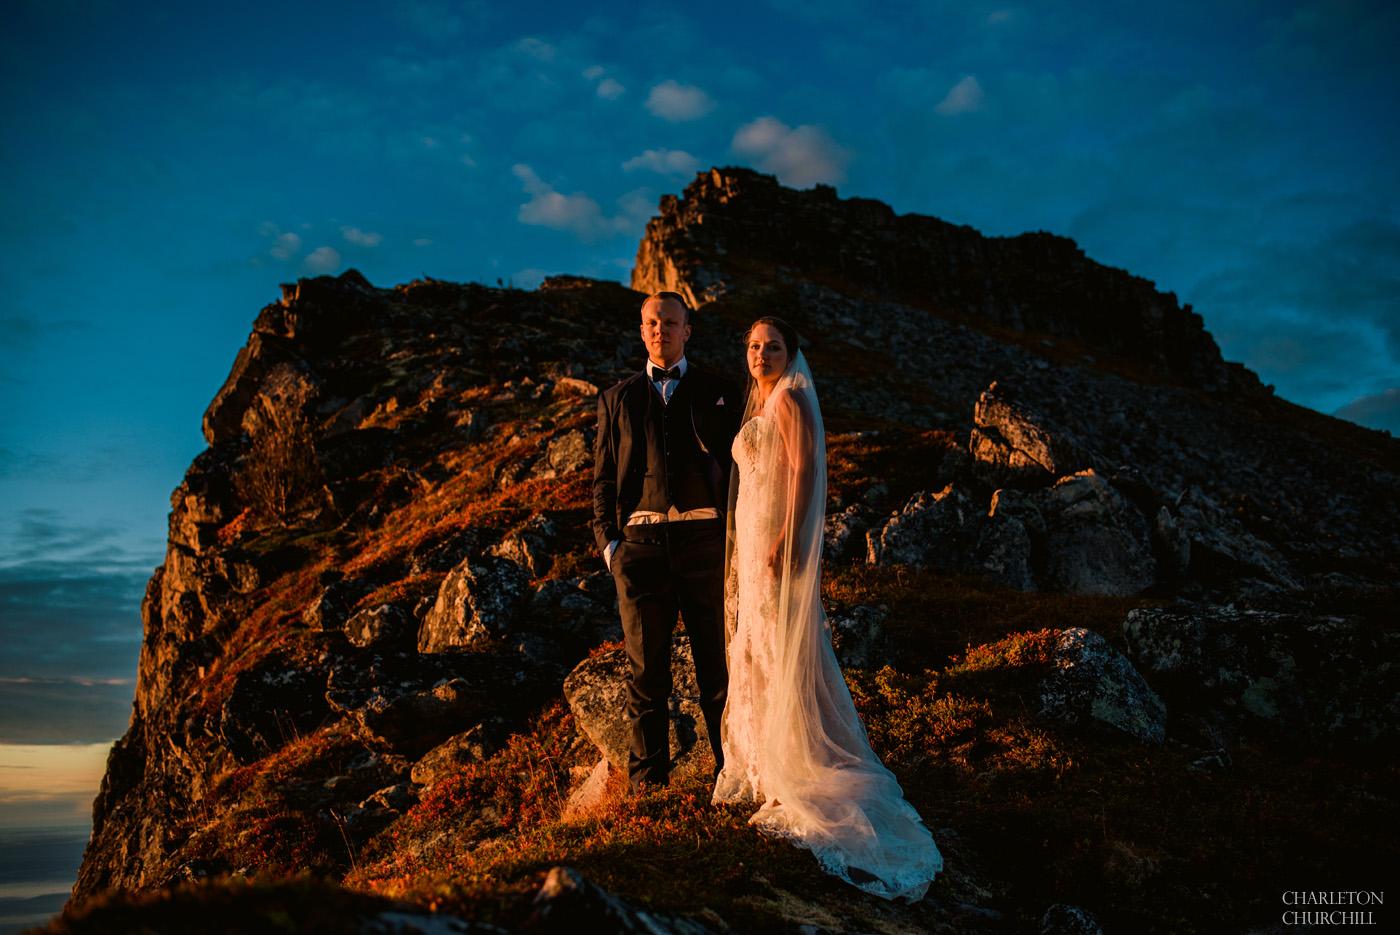 sunset natural light images in destination wedding